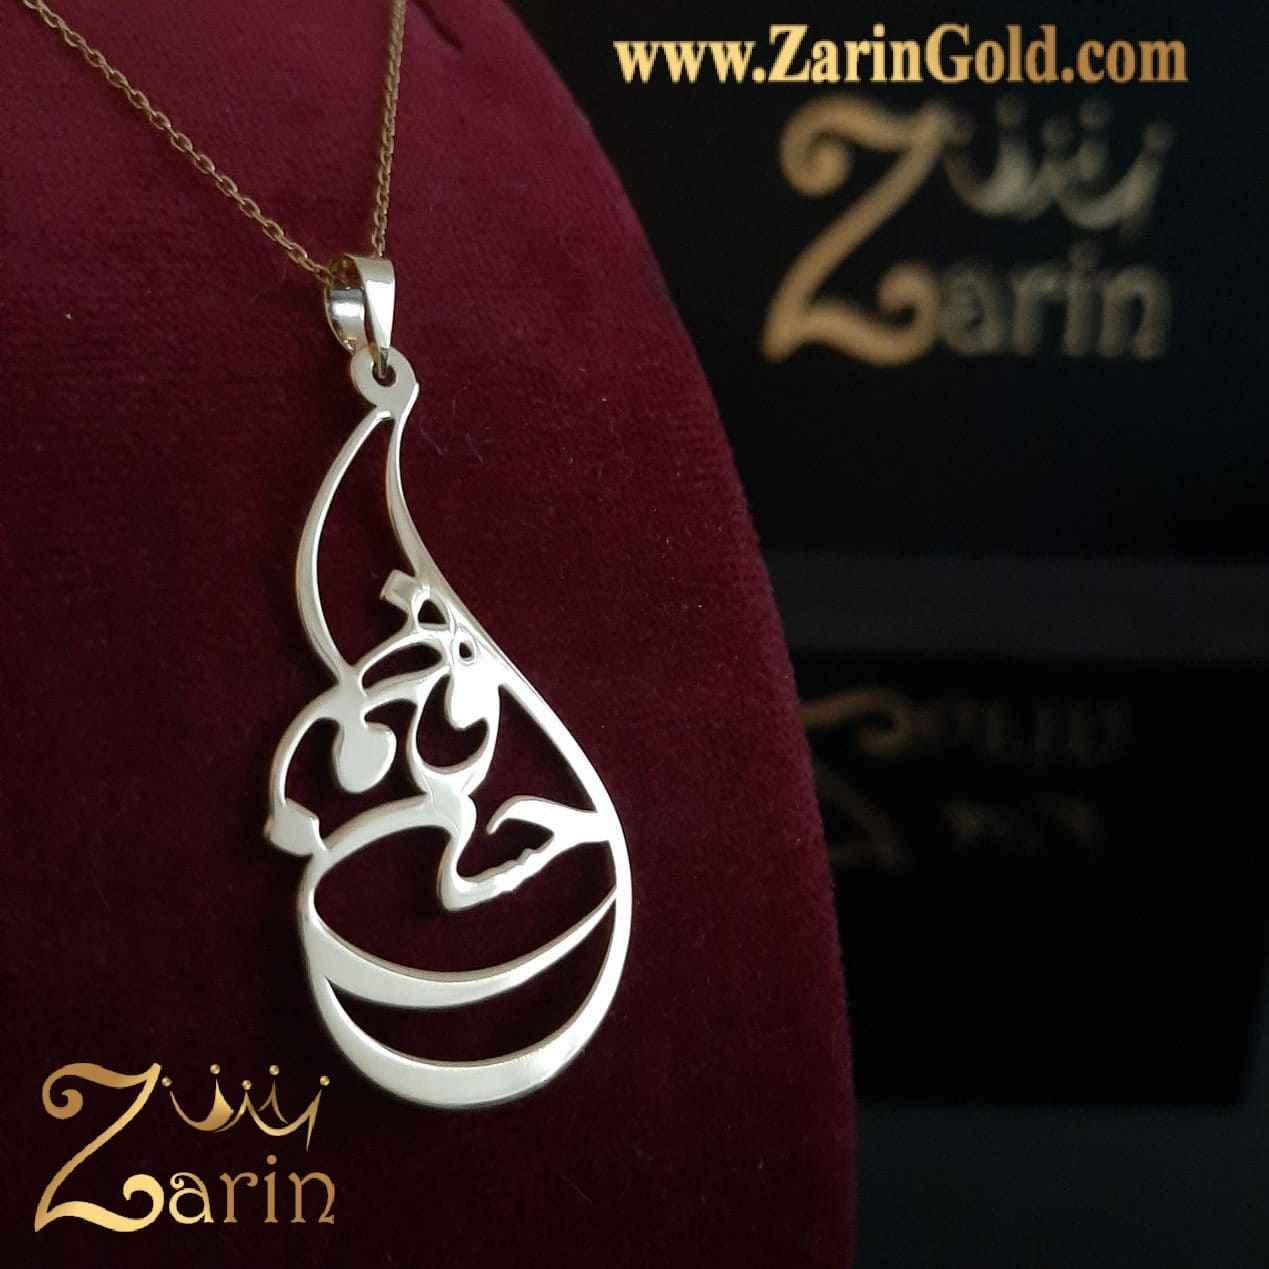 پلاک طلا دو اسم احسان و فاطمه با زنجیر طلا